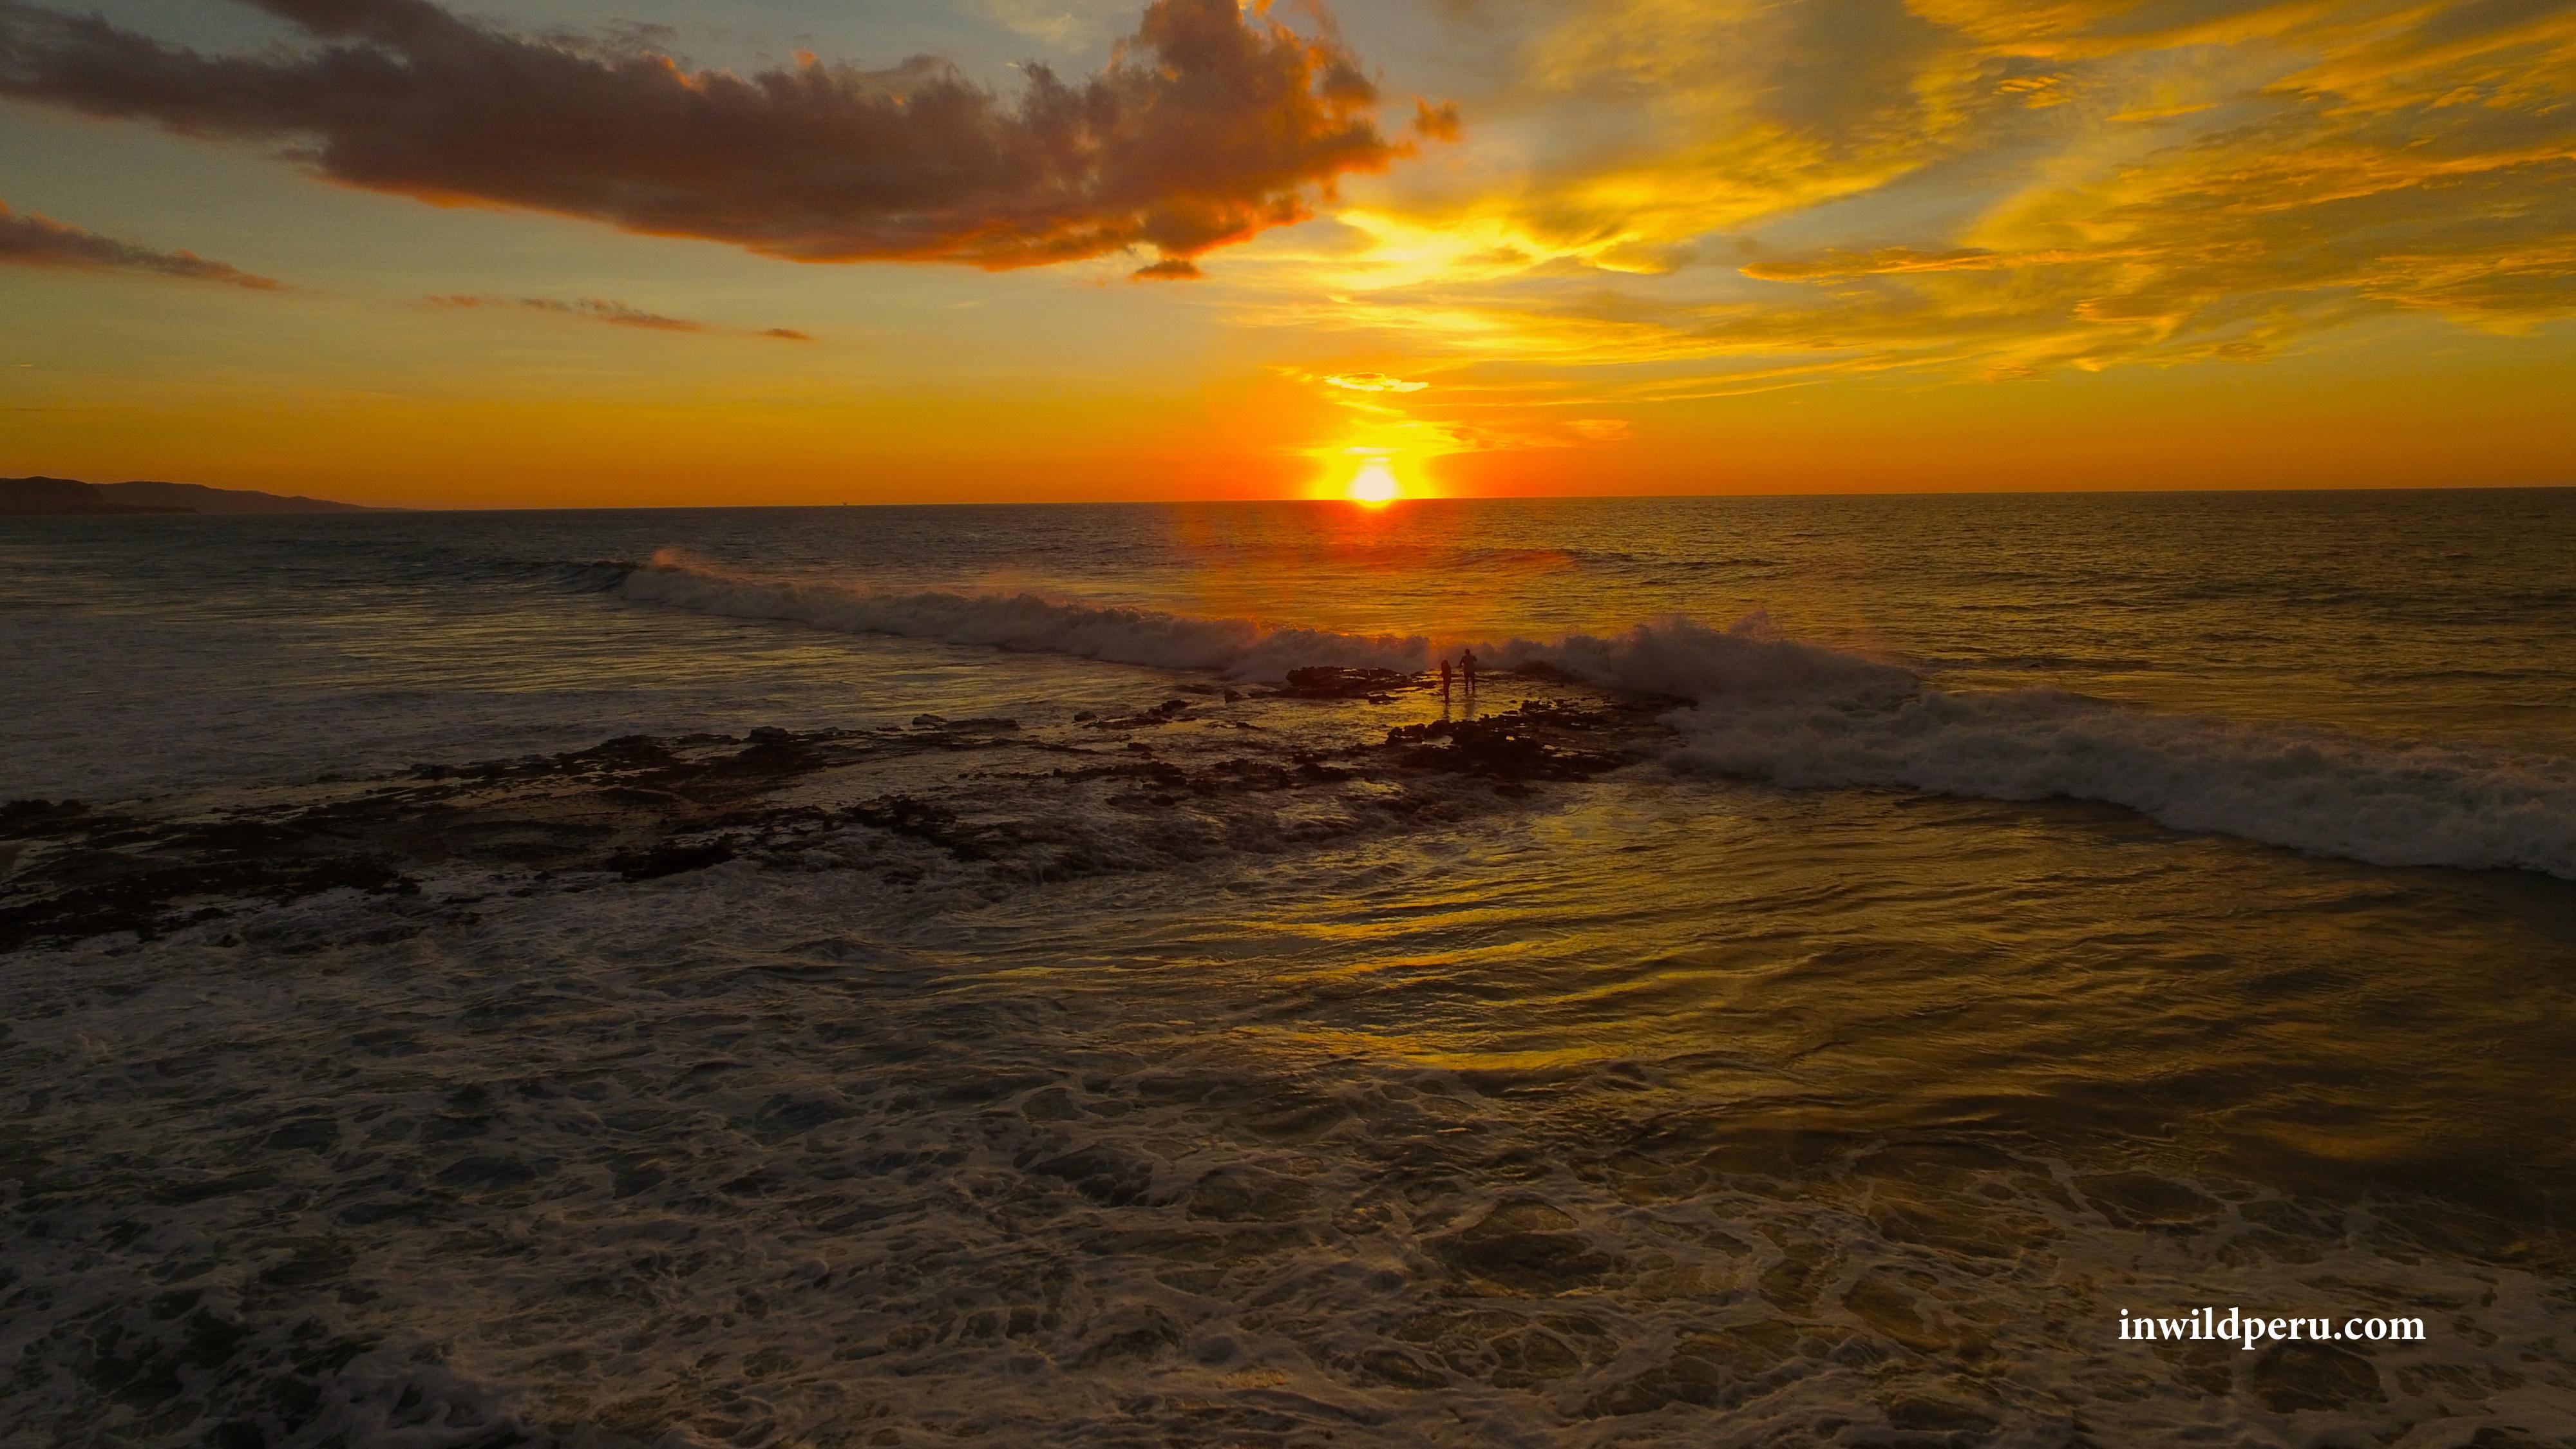 Sunset Vichayito